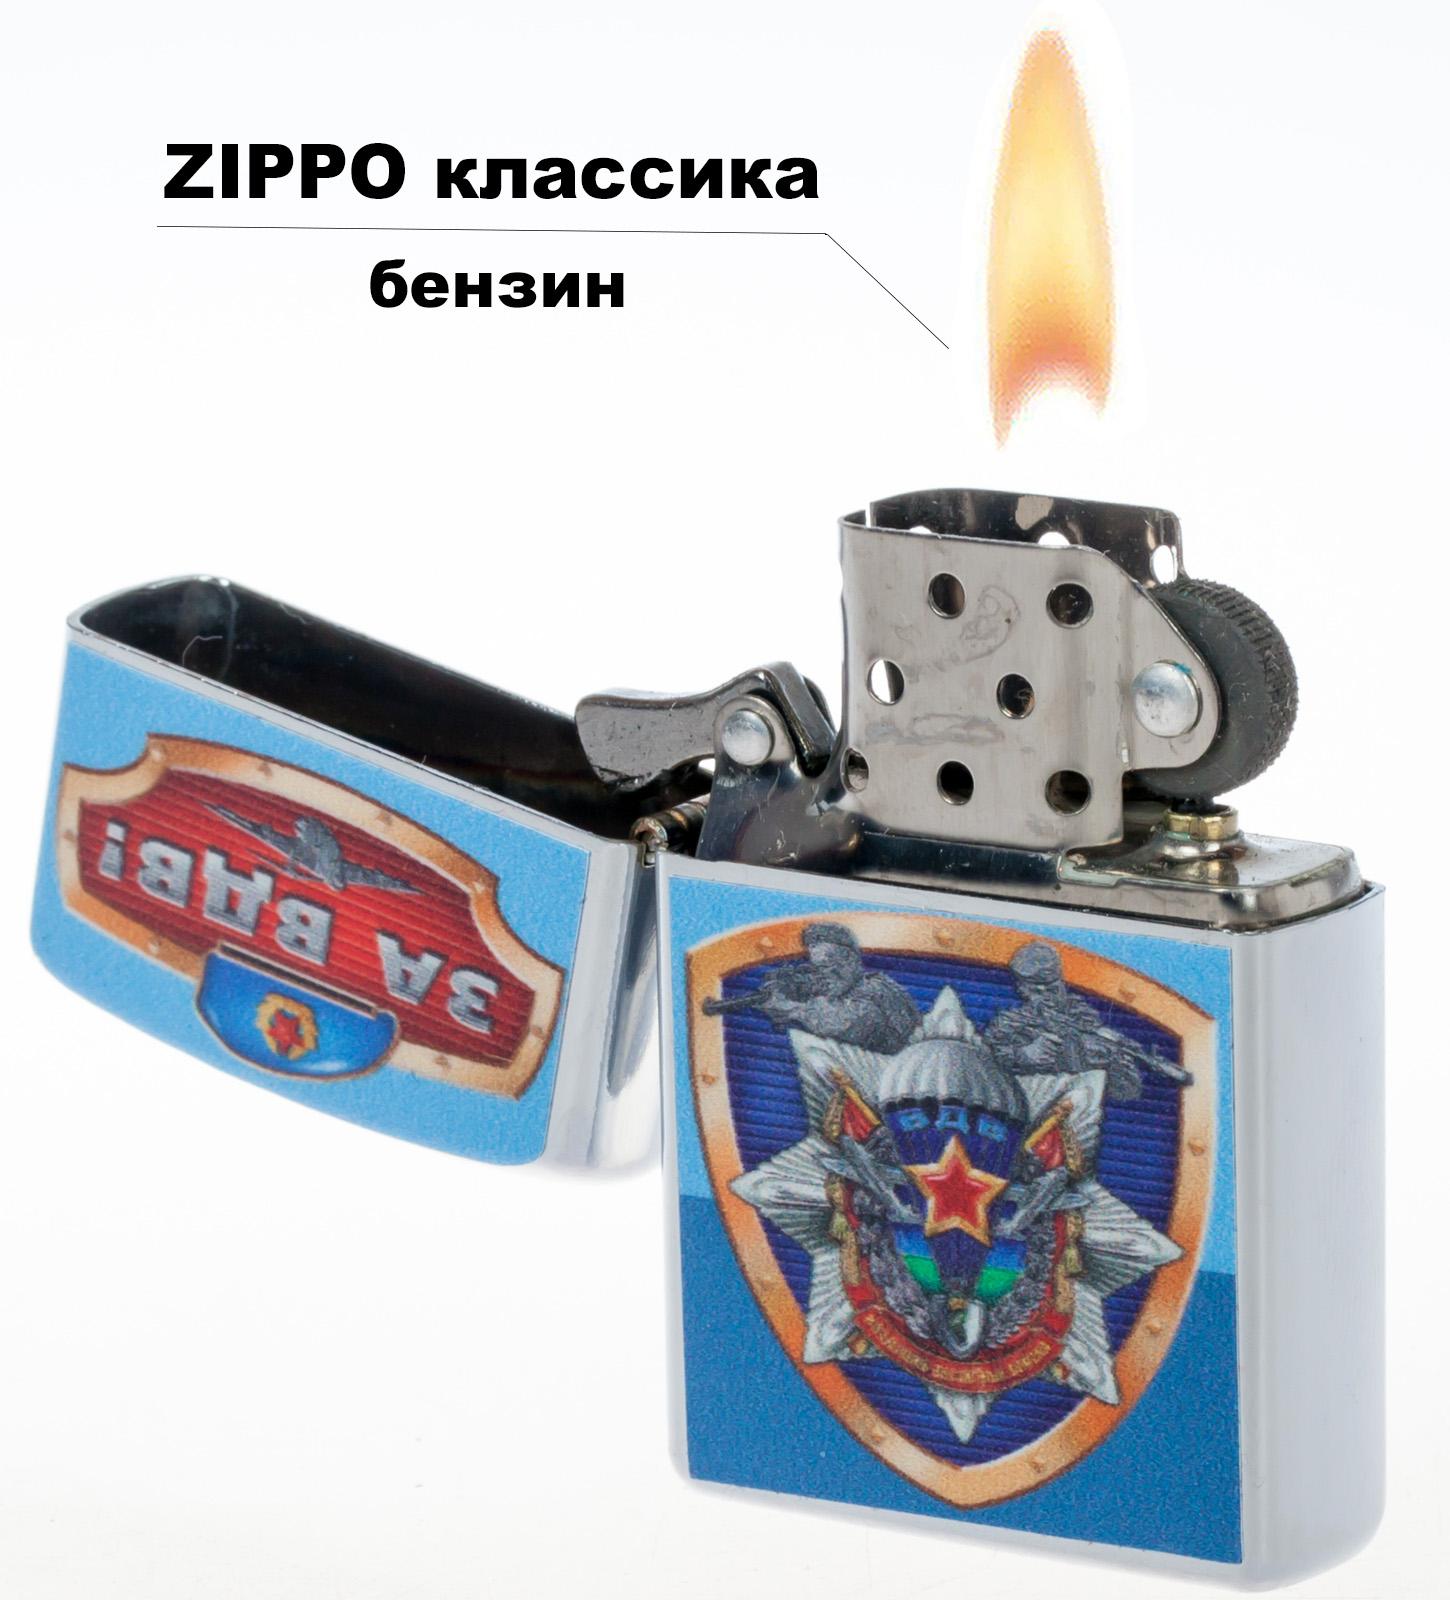 """Зажигалка для десантников """"За ВДВ!"""" - классика по выгодной цене"""